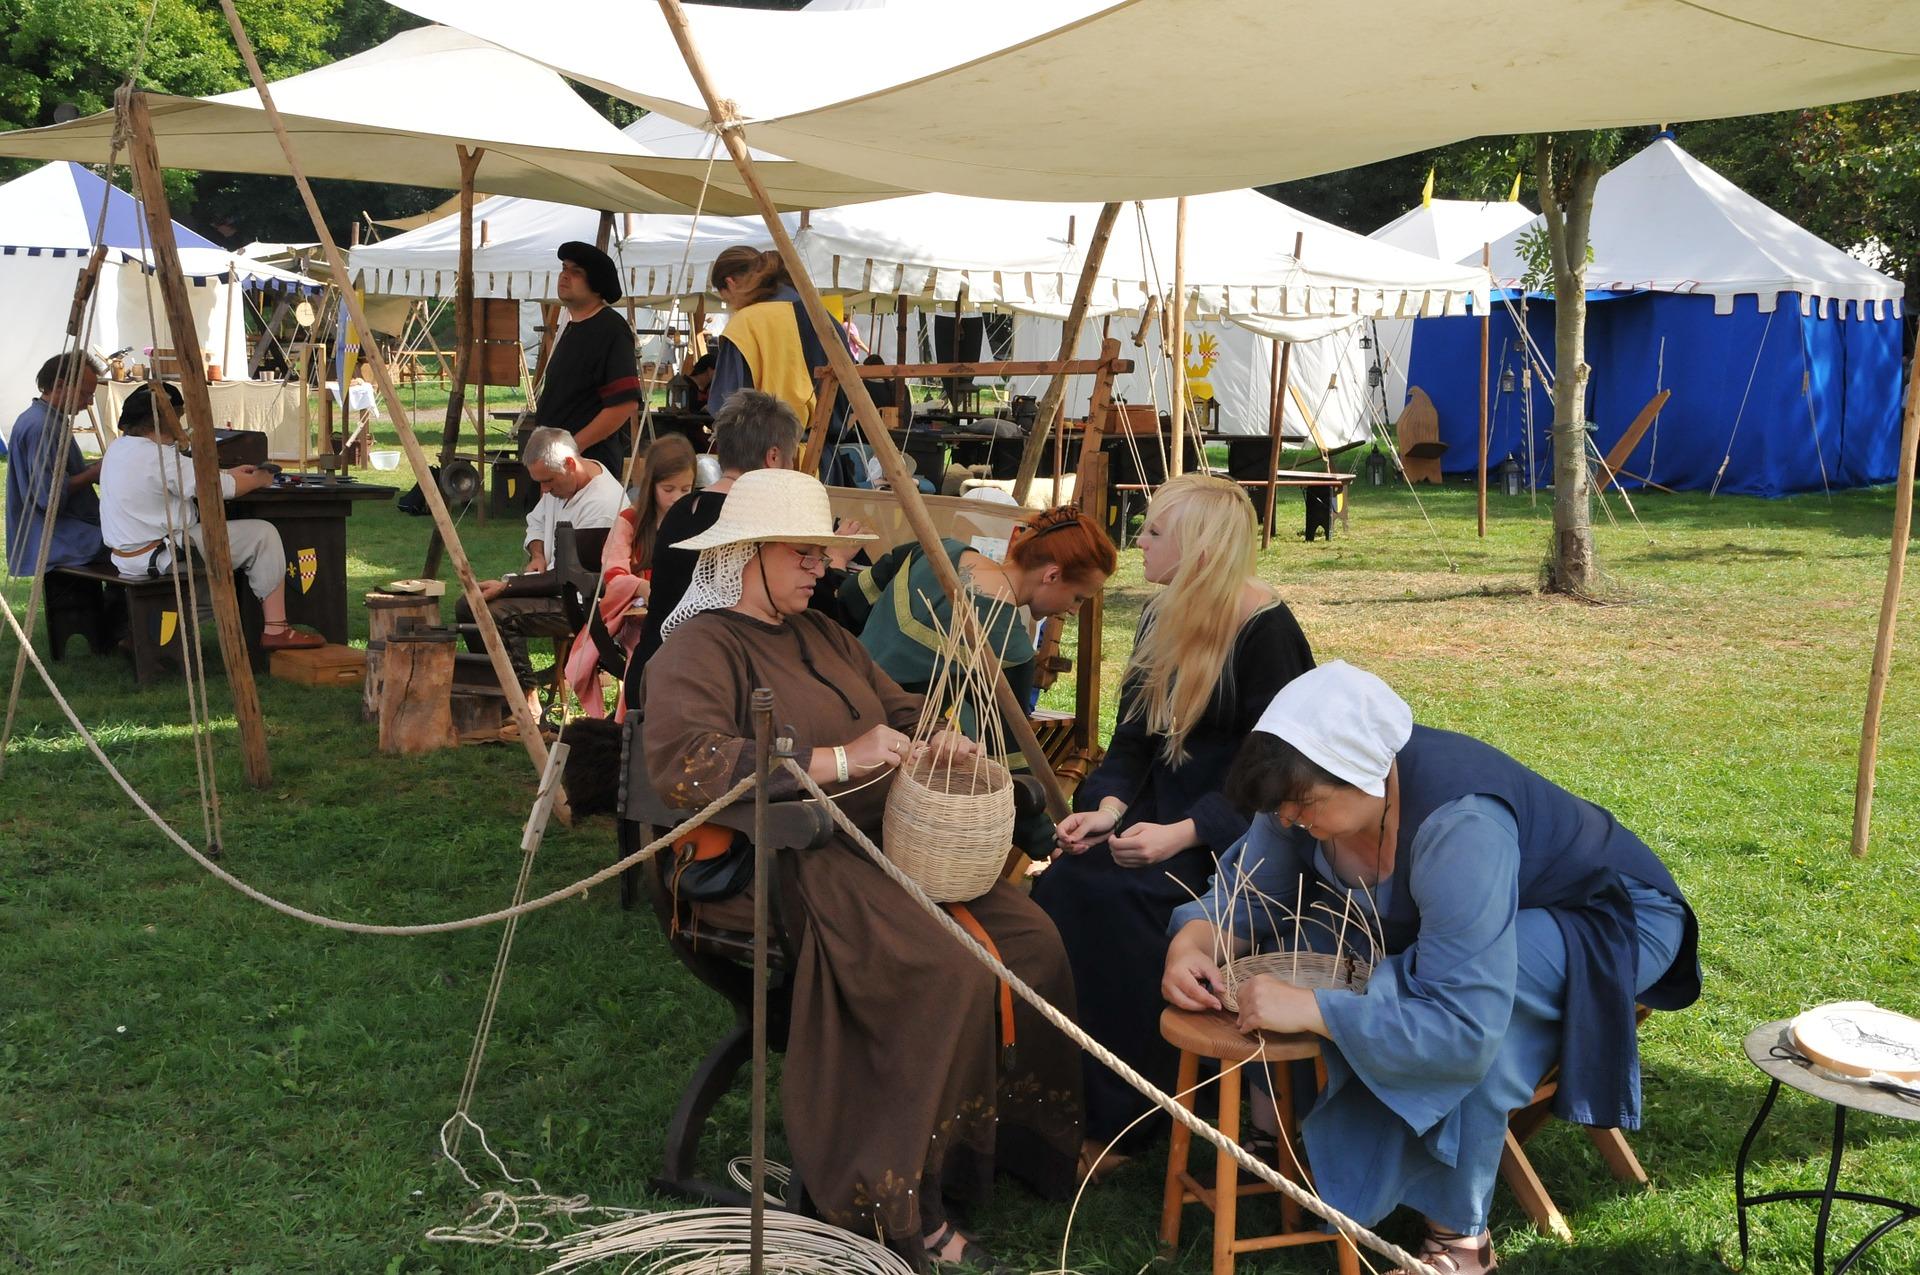 medieval-market-697018_1920.jpg